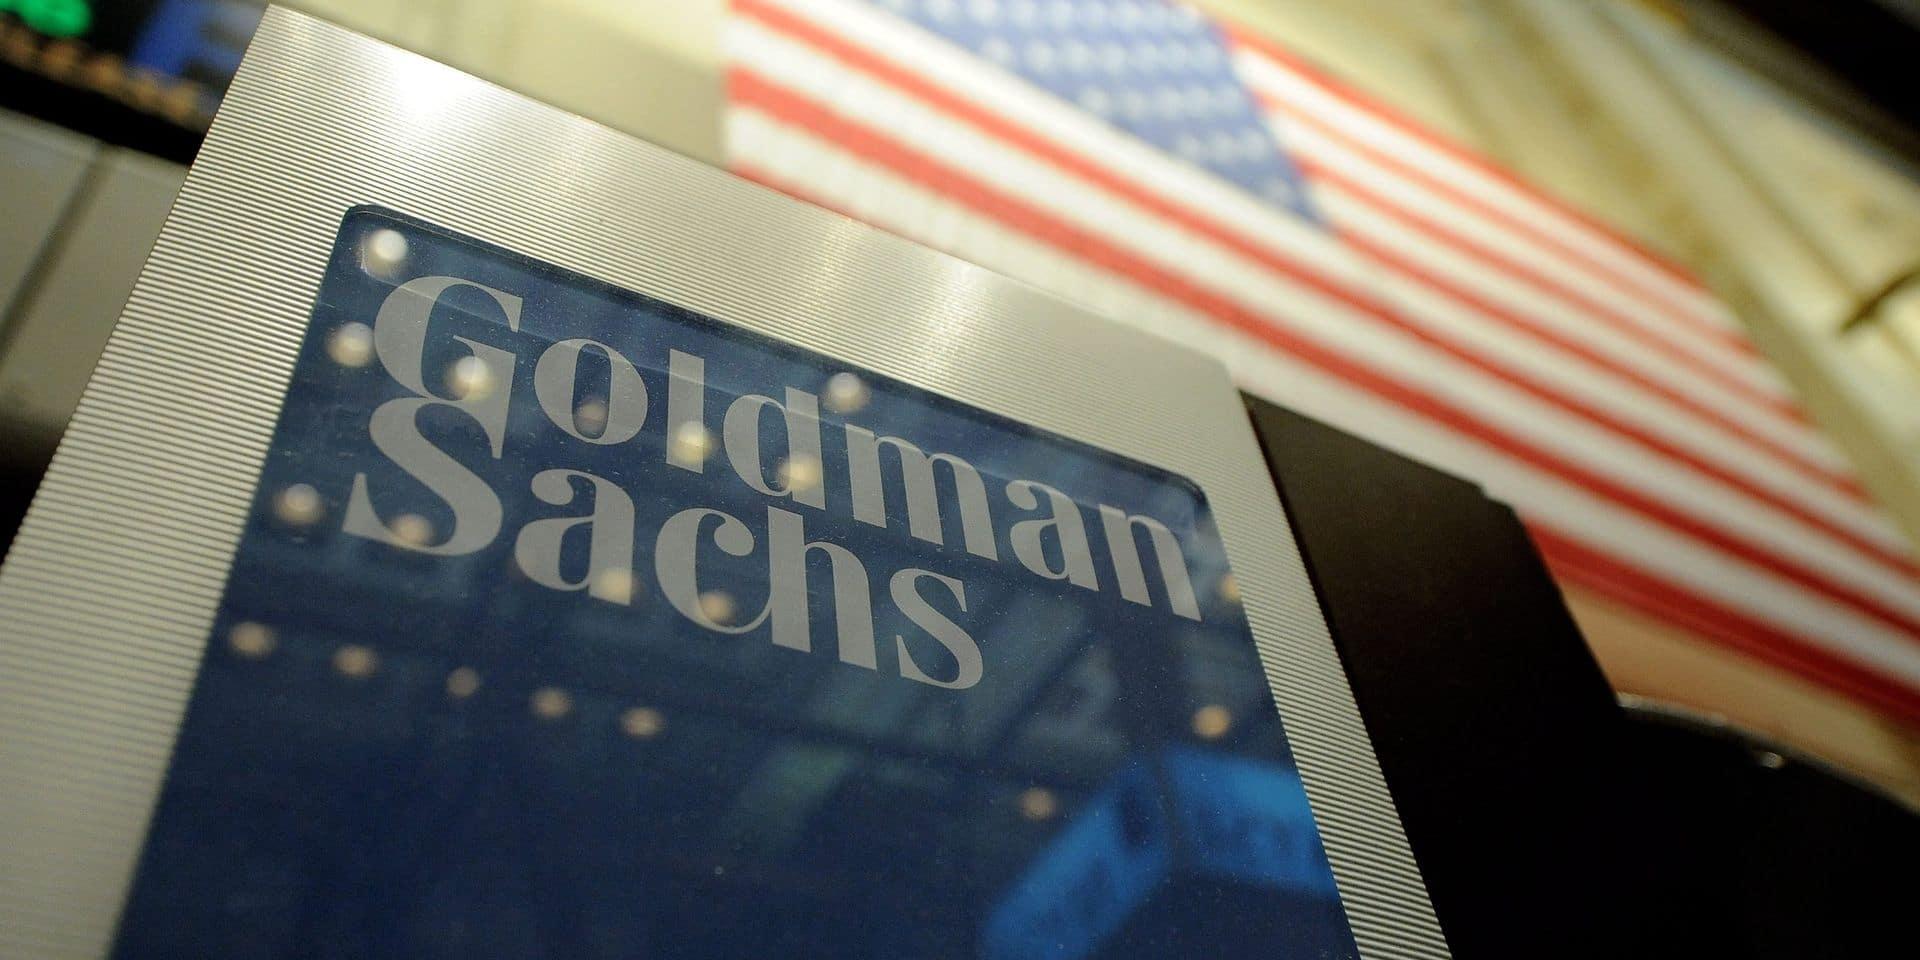 Procès 1MDB: la Malaisie annonce un accord à l'amiable de 3,9 milliards de dollars avec Goldman Sachs